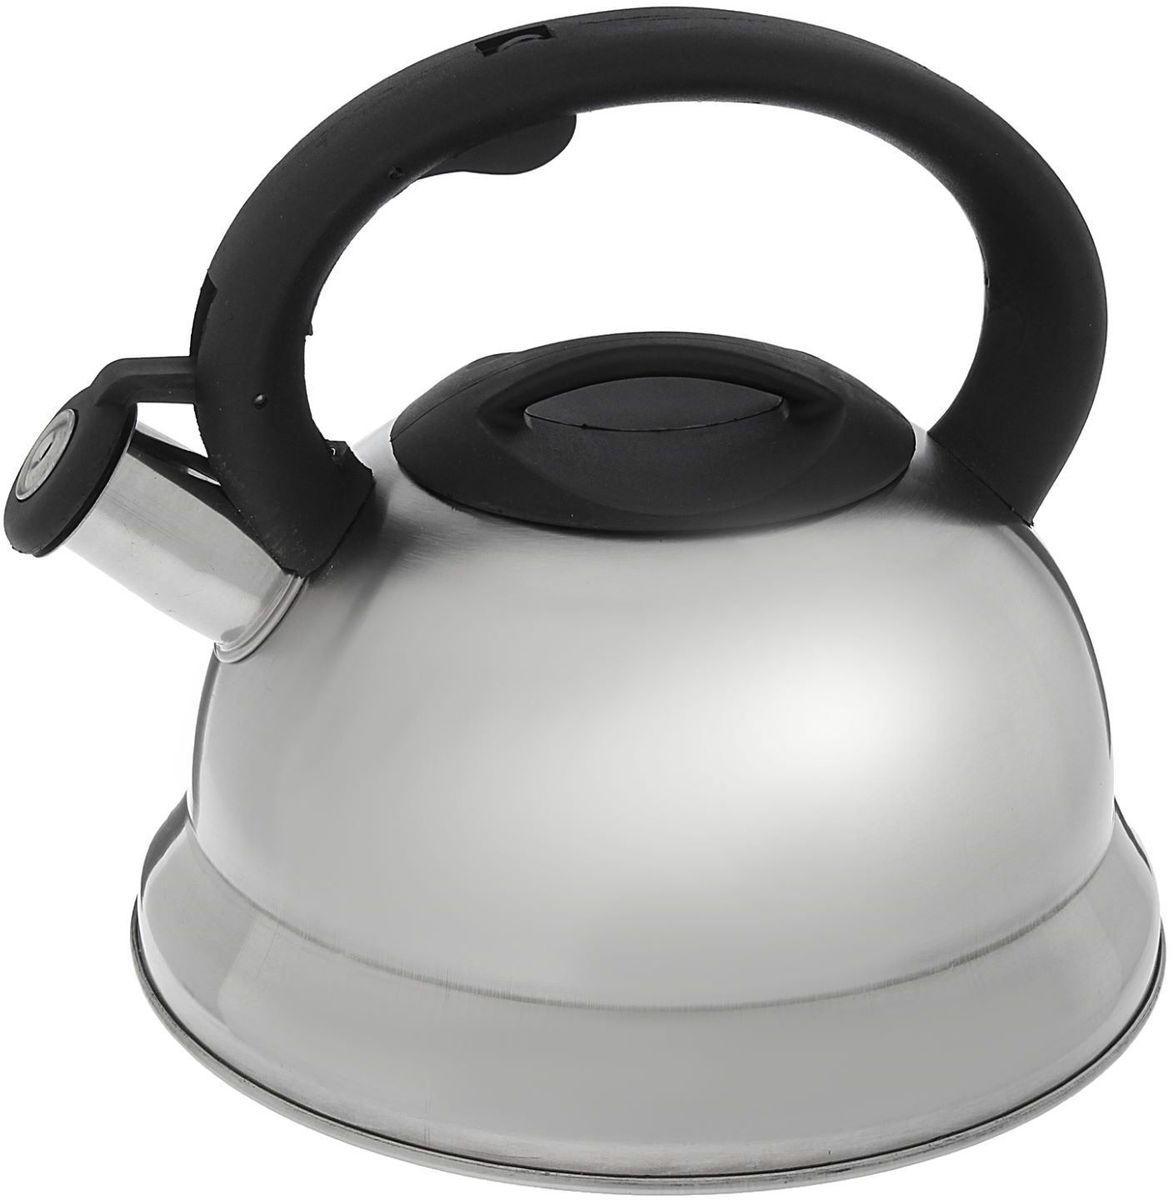 Чайник Доляна Рио, со свистком, цвет: серый, 2,8 л1405203Бытовая посуда из нержавеющей стали славится неприхотливостью в уходе и безукоризненной функциональностью. Коррозиестойкий сплав обеспечивает гигиеничность изделий. Чайники из этого материала абсолютно безопасны для здоровья человека. Чем привлекательна посуда из нержавейки? Чайник из нержавеющей стали станет удачной находкой для дома или ресторана: благодаря низкой теплопроводности модели вода дольше остается горячей; необычный дизайн радует глаз и поднимает настроение; качественное дно гарантирует быстрый нагрев. Как продлить срок службы? Ухаживать за новым приобретением элементарно просто, но стоит помнить о нескольких нехитрых правилах. Во-первых, не следует применять абразивные инструменты и сильнохлорированные моющие средства. Во-вторых, не оставляйте пустую посуду на плите. В-третьих, если вы уезжаете из дома на длительное время - выливайте воду из чайника. Если на внутренней поверхности изделия появились пятна, используйте для их удаления несколько капель уксусной или лимонной...